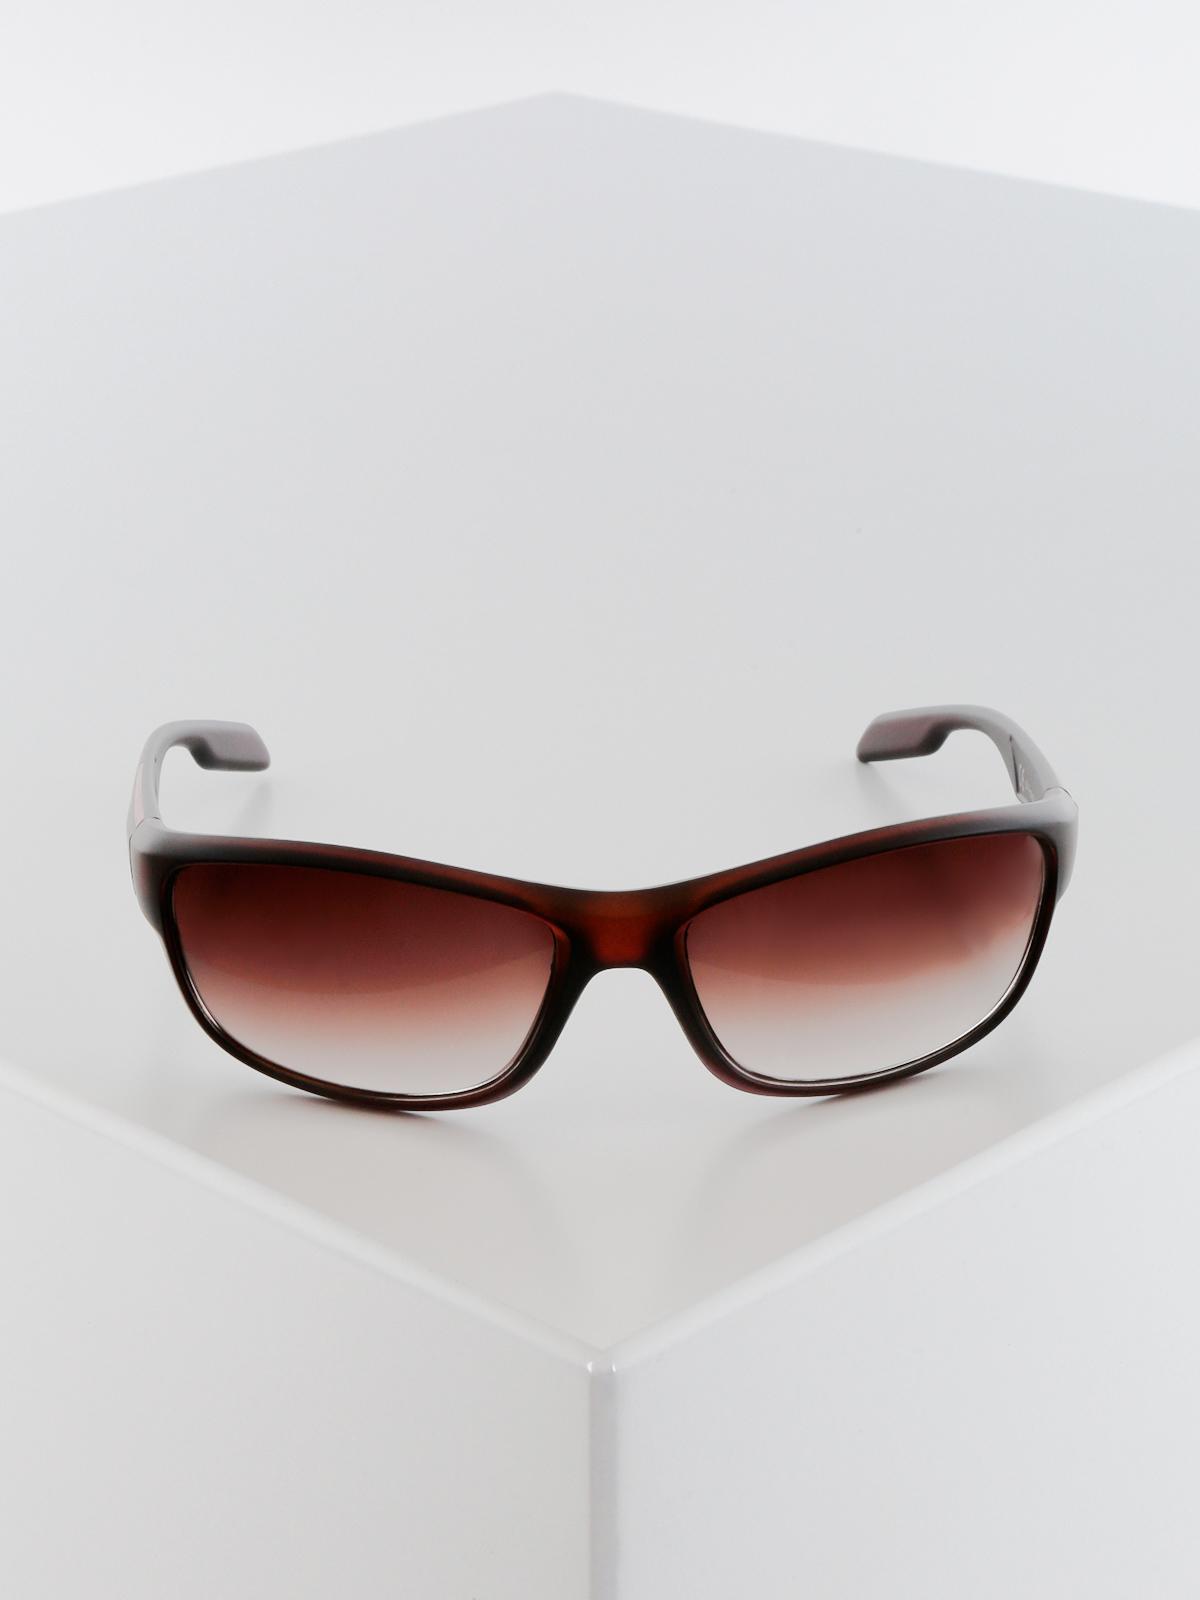 Occhiali da sole uomo con lenti ovali fashion | MecShopping